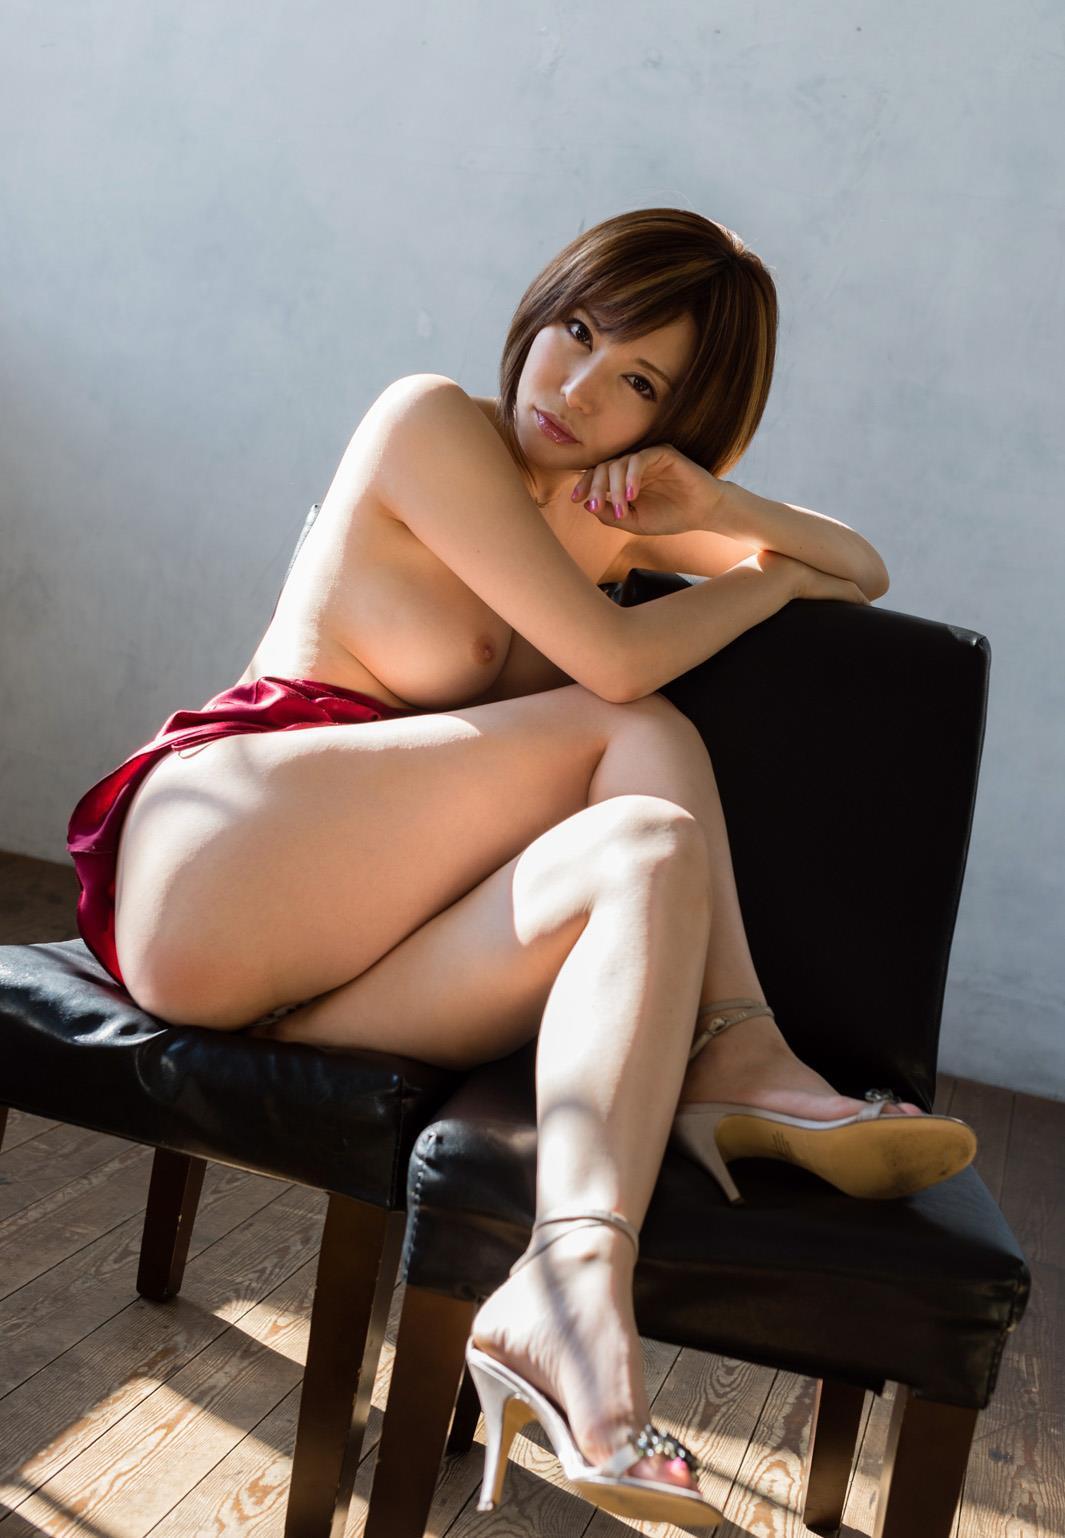 里美ゆりあ(小泉彩) ヌード画像 16